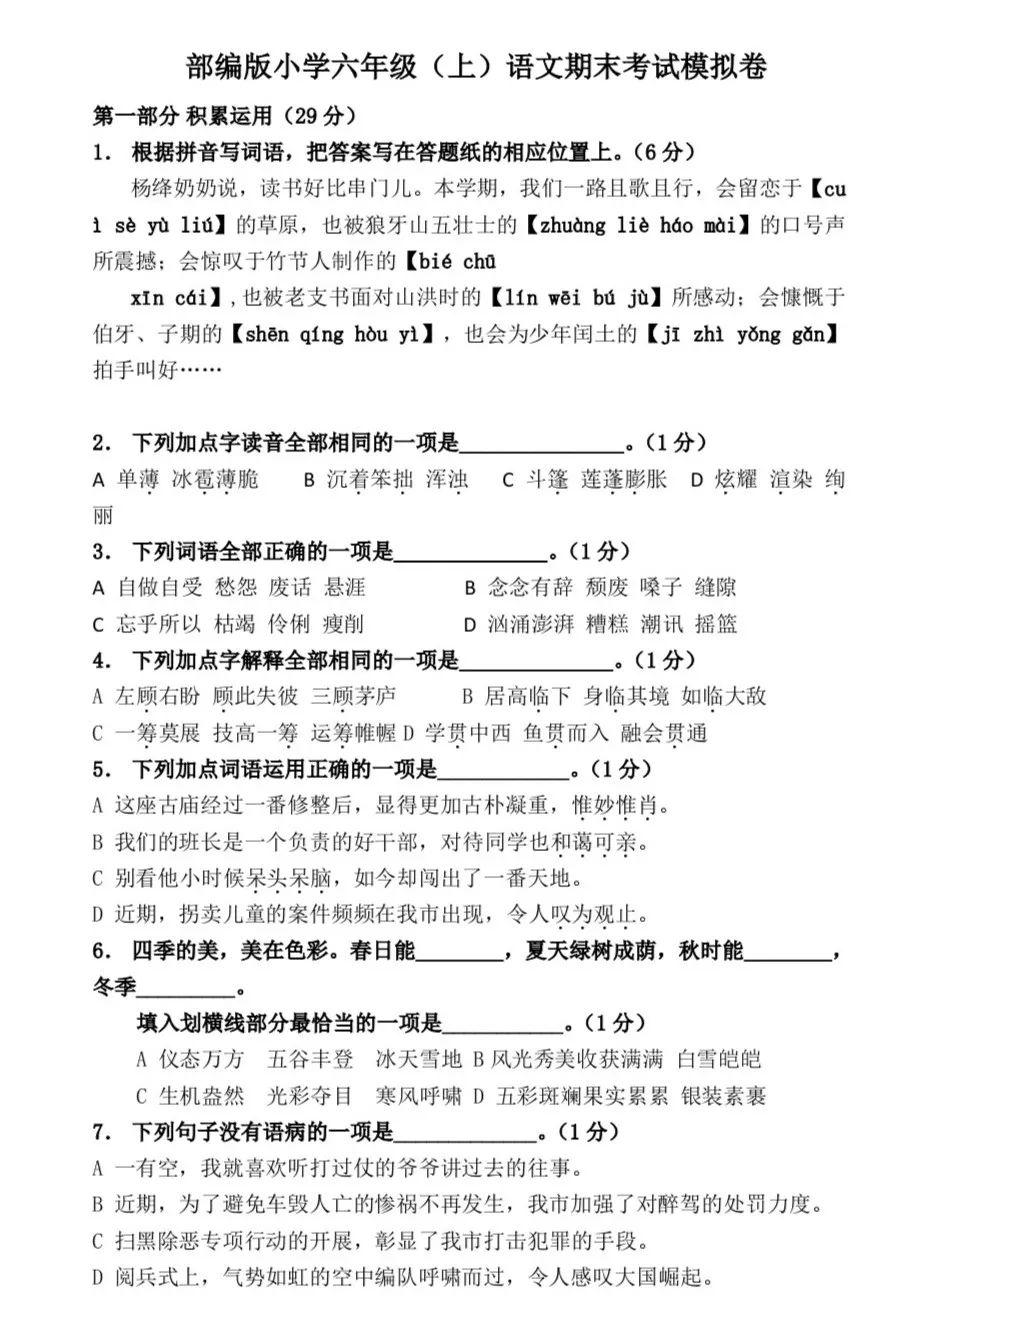 六年级作文评分标准.doc -max上传文档投稿赚钱-文档C2C交易...